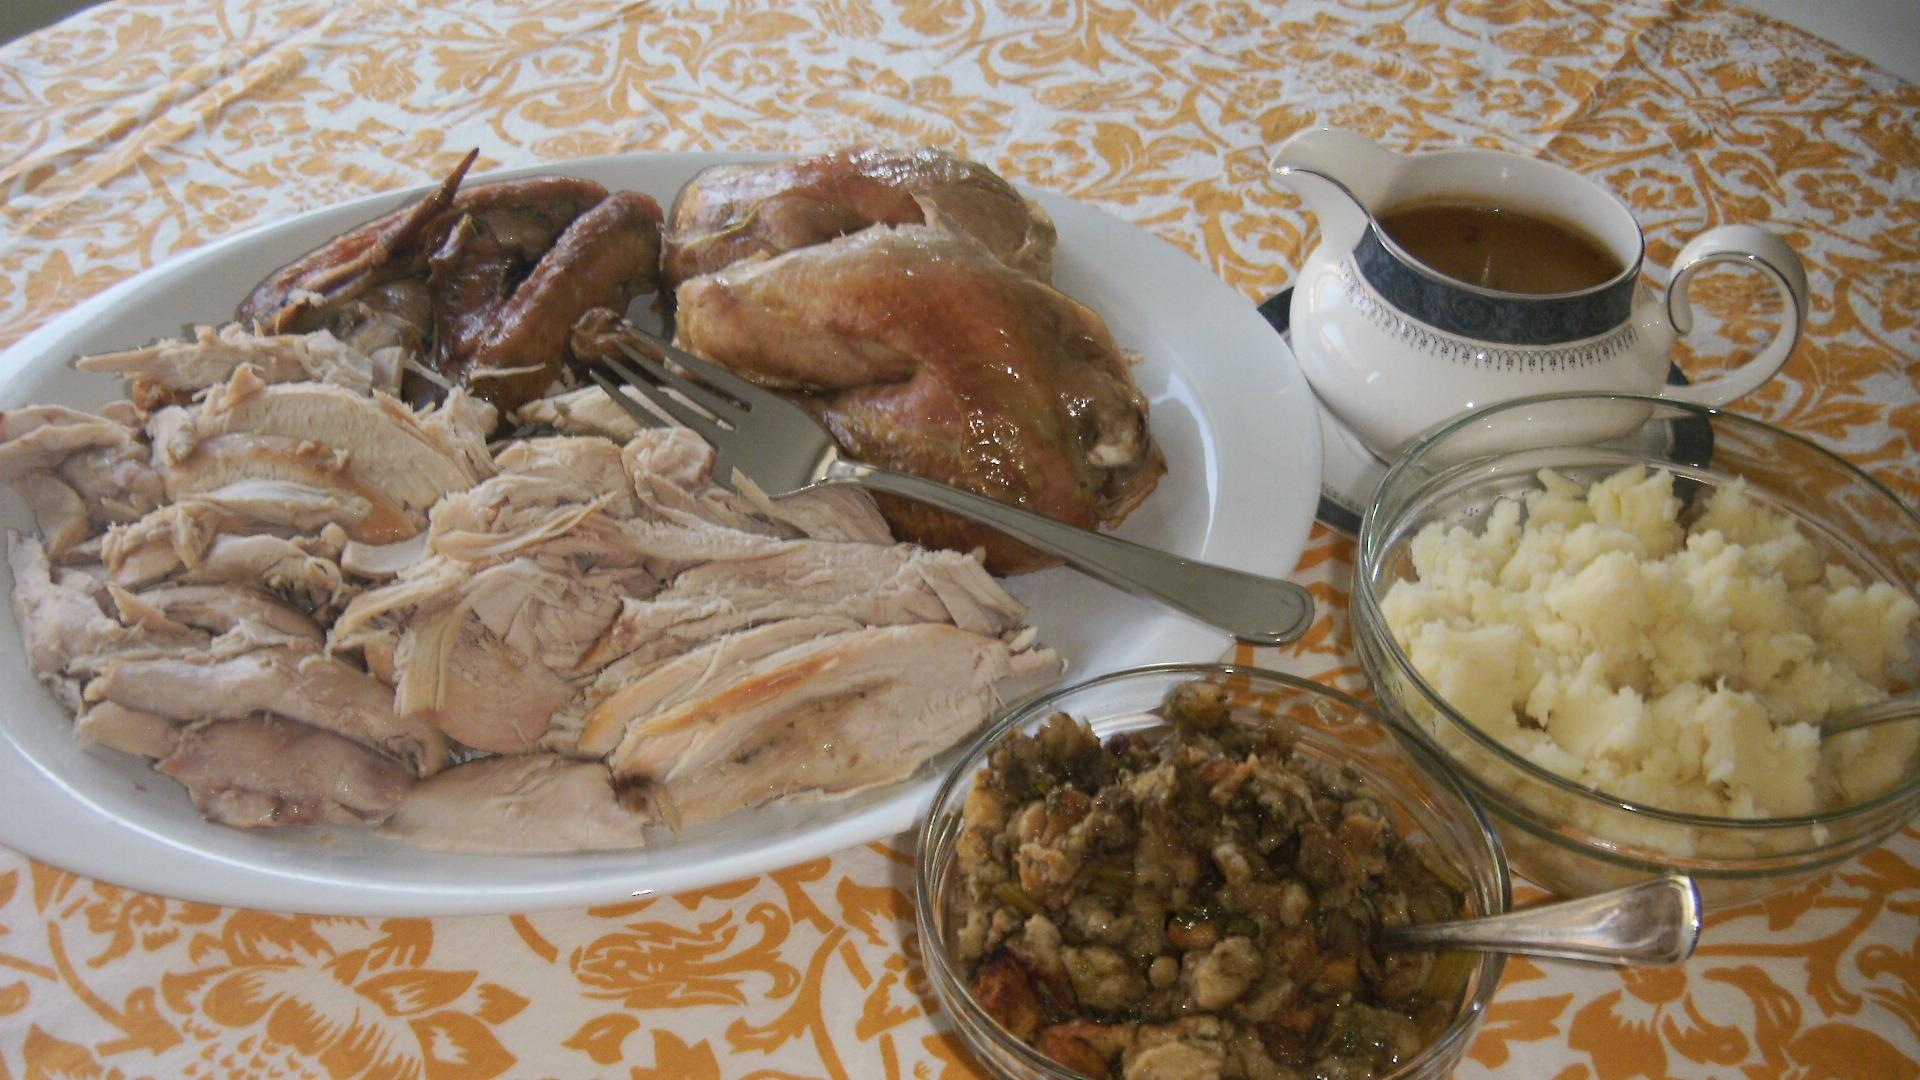 9 Lb Roast Turkey